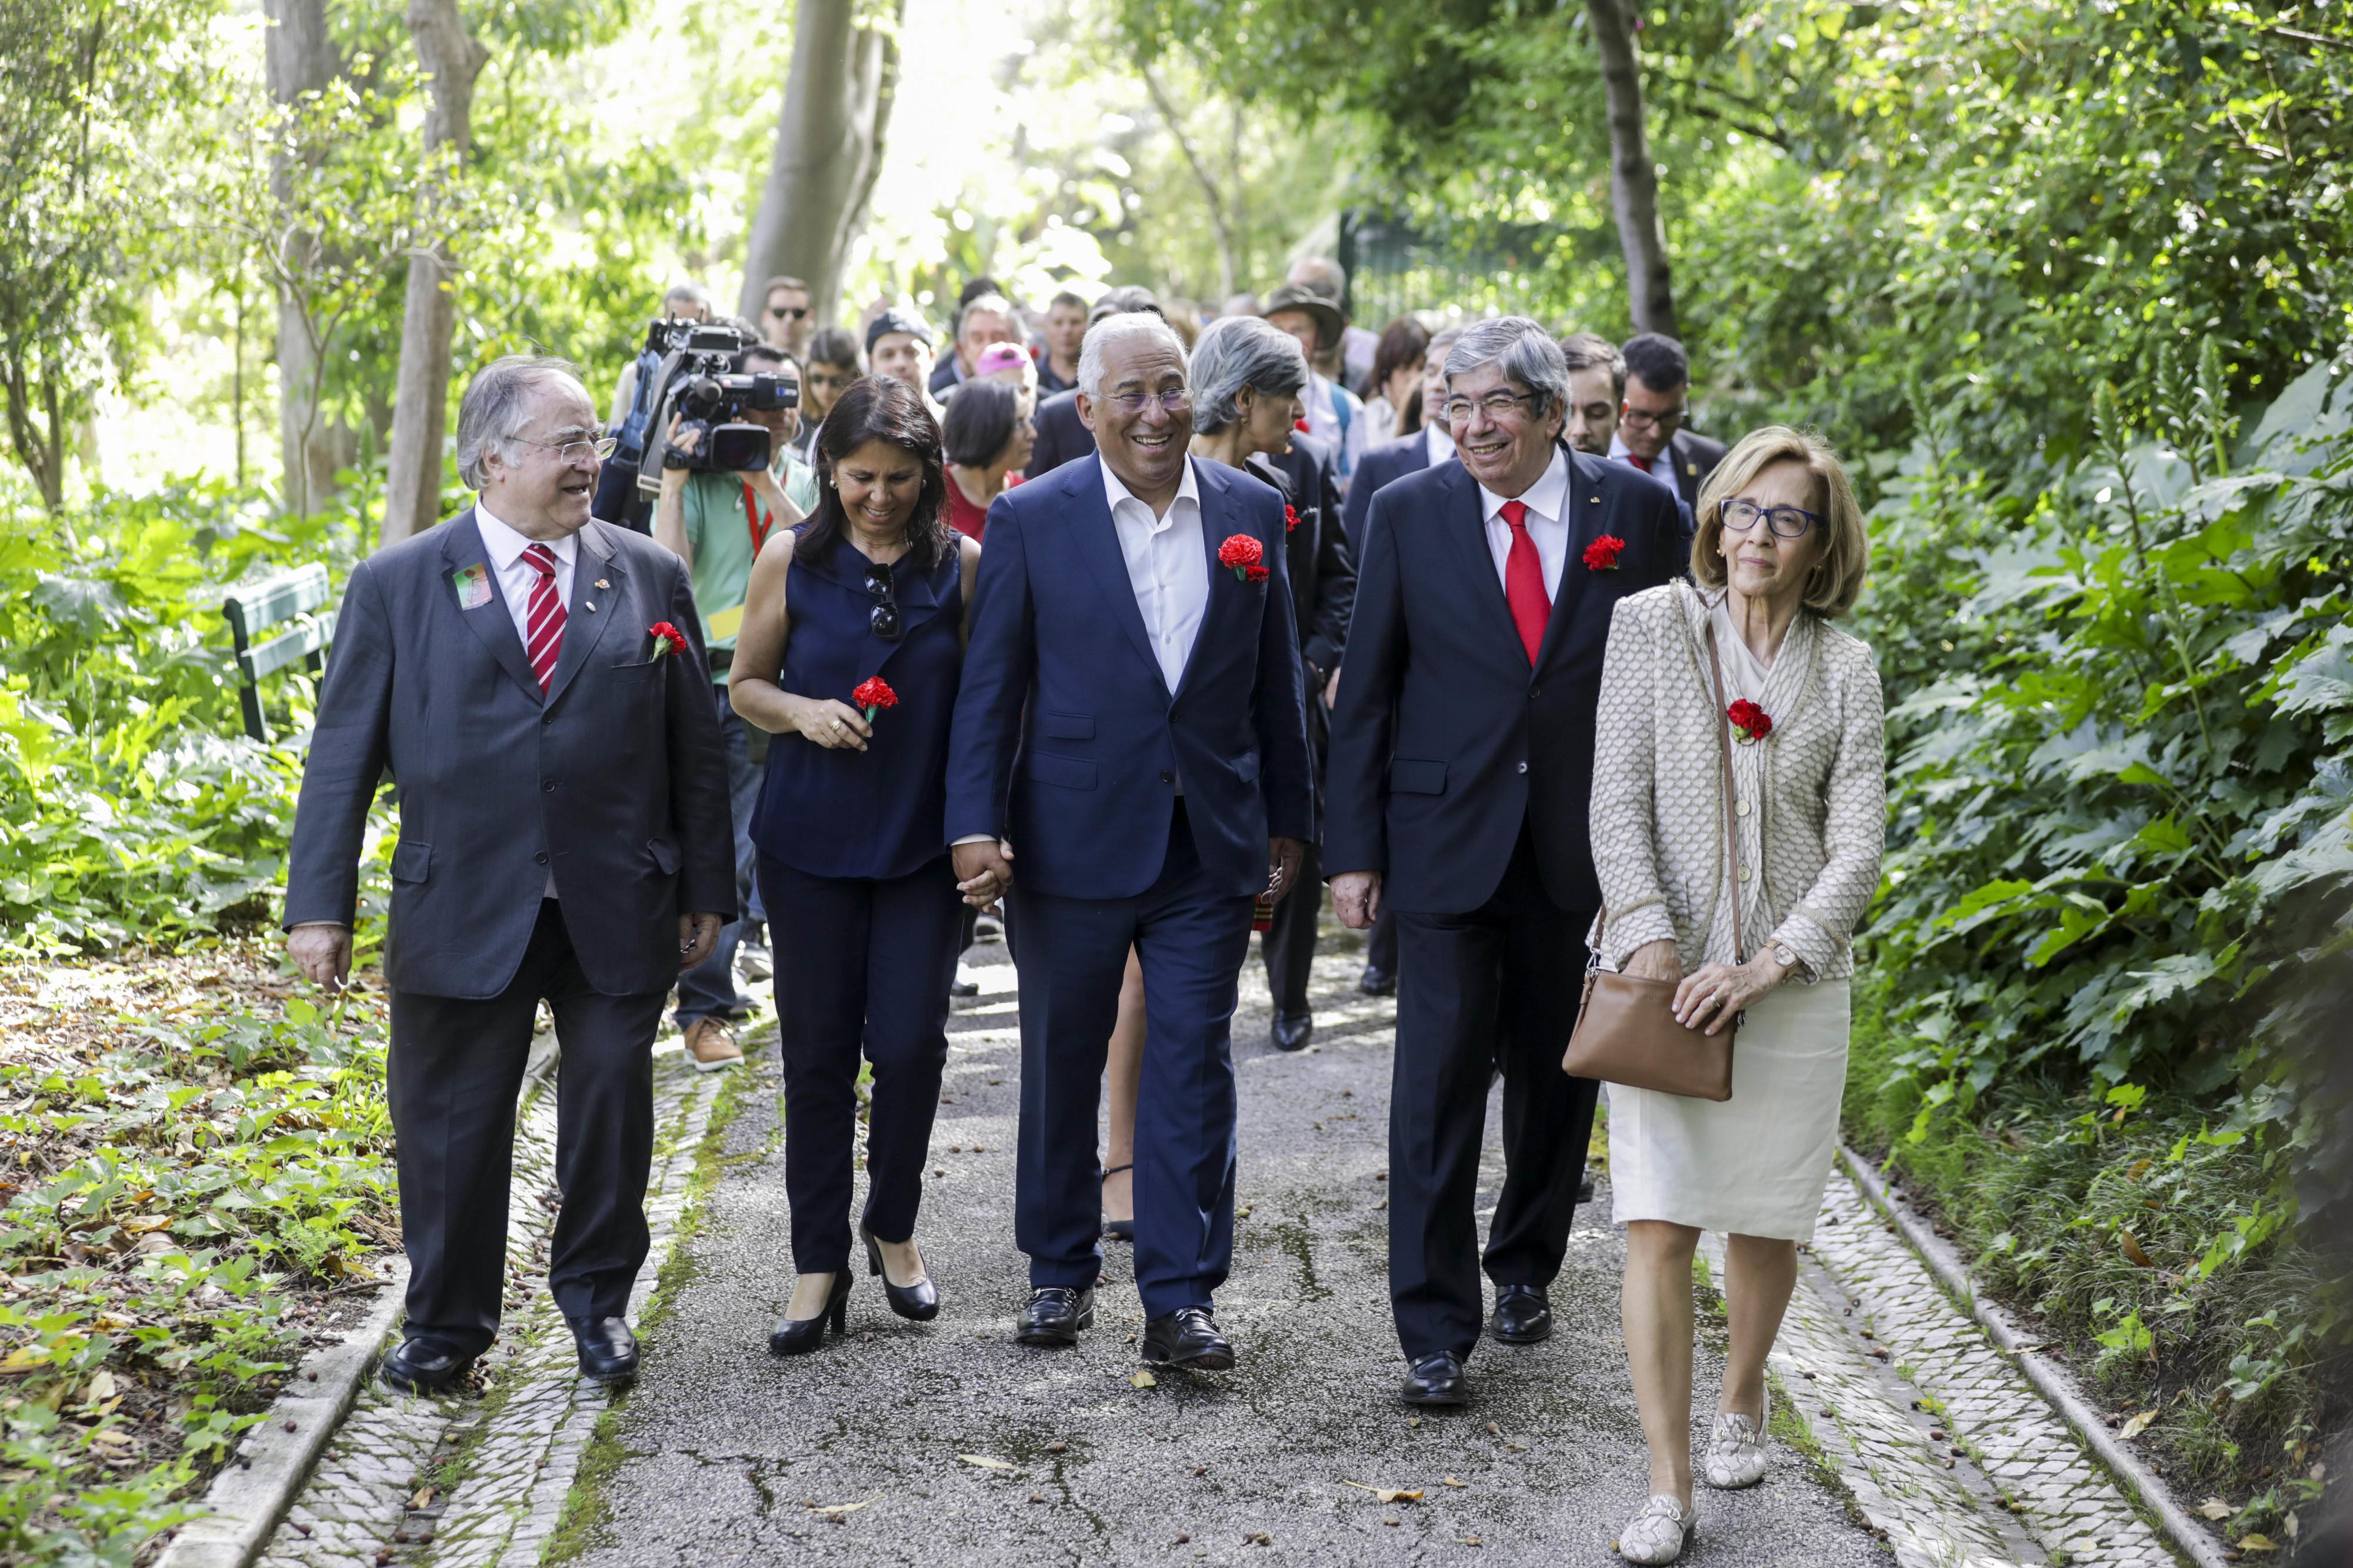 Costa transfere-se provisoriamente para o Terreiro do Paço por obras em São Bento